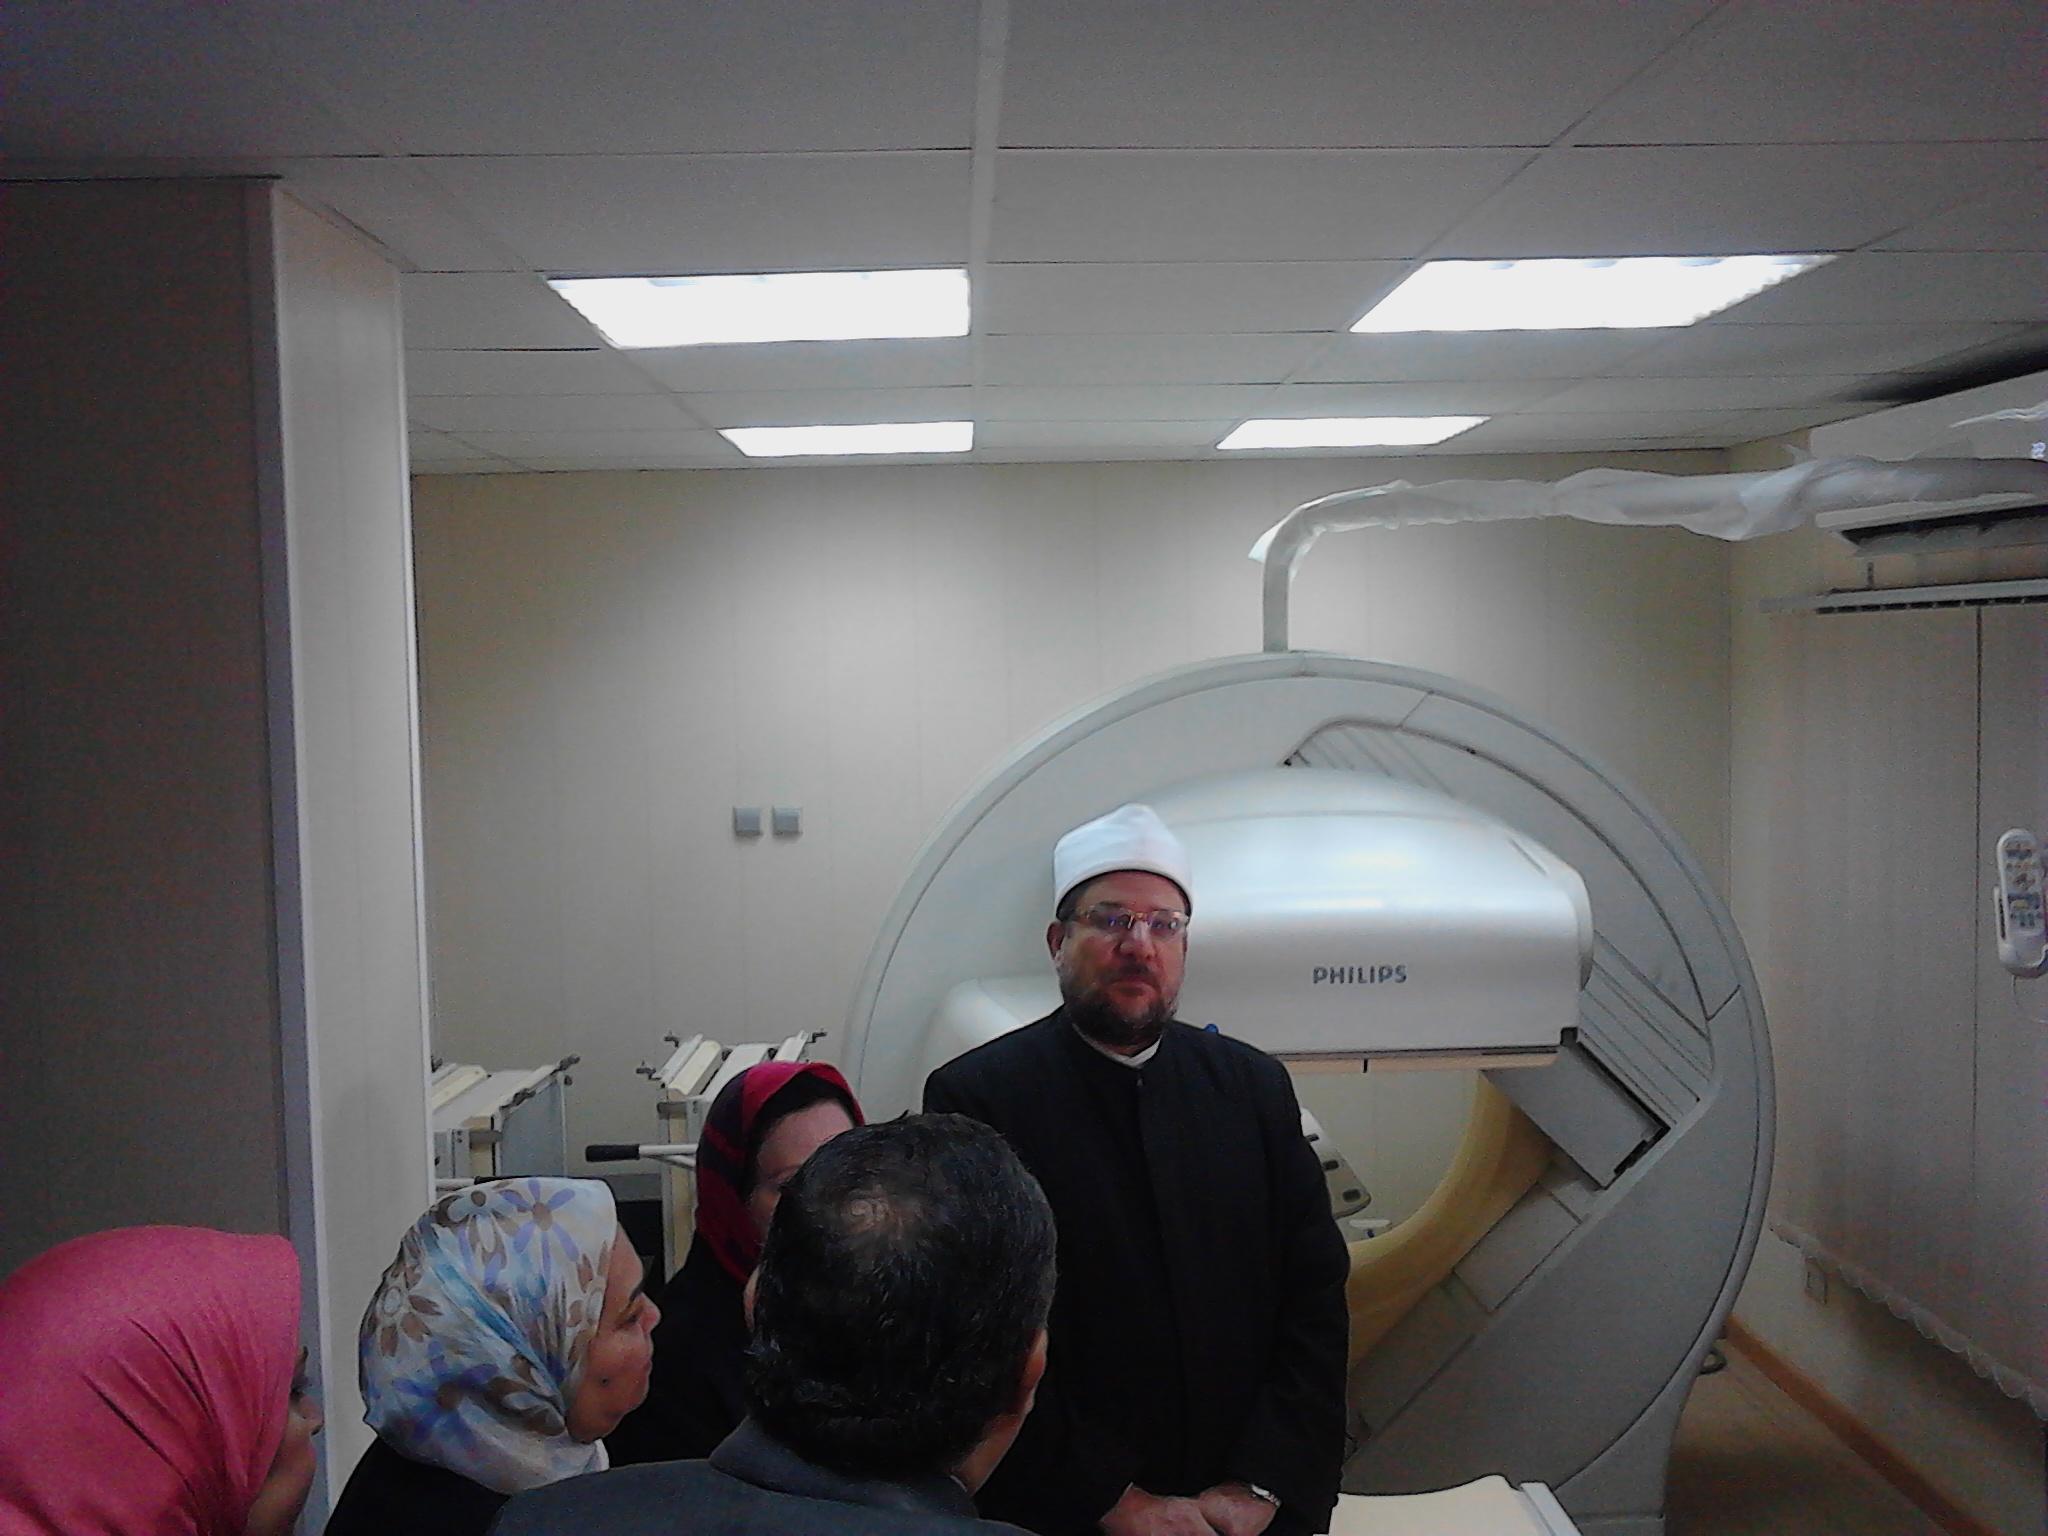 الدكتور محمد مختار جمعة وزير الاوقاف، وحدة الجاما كاميرا للمسح الذرى بمستشفى الدعاة (2)